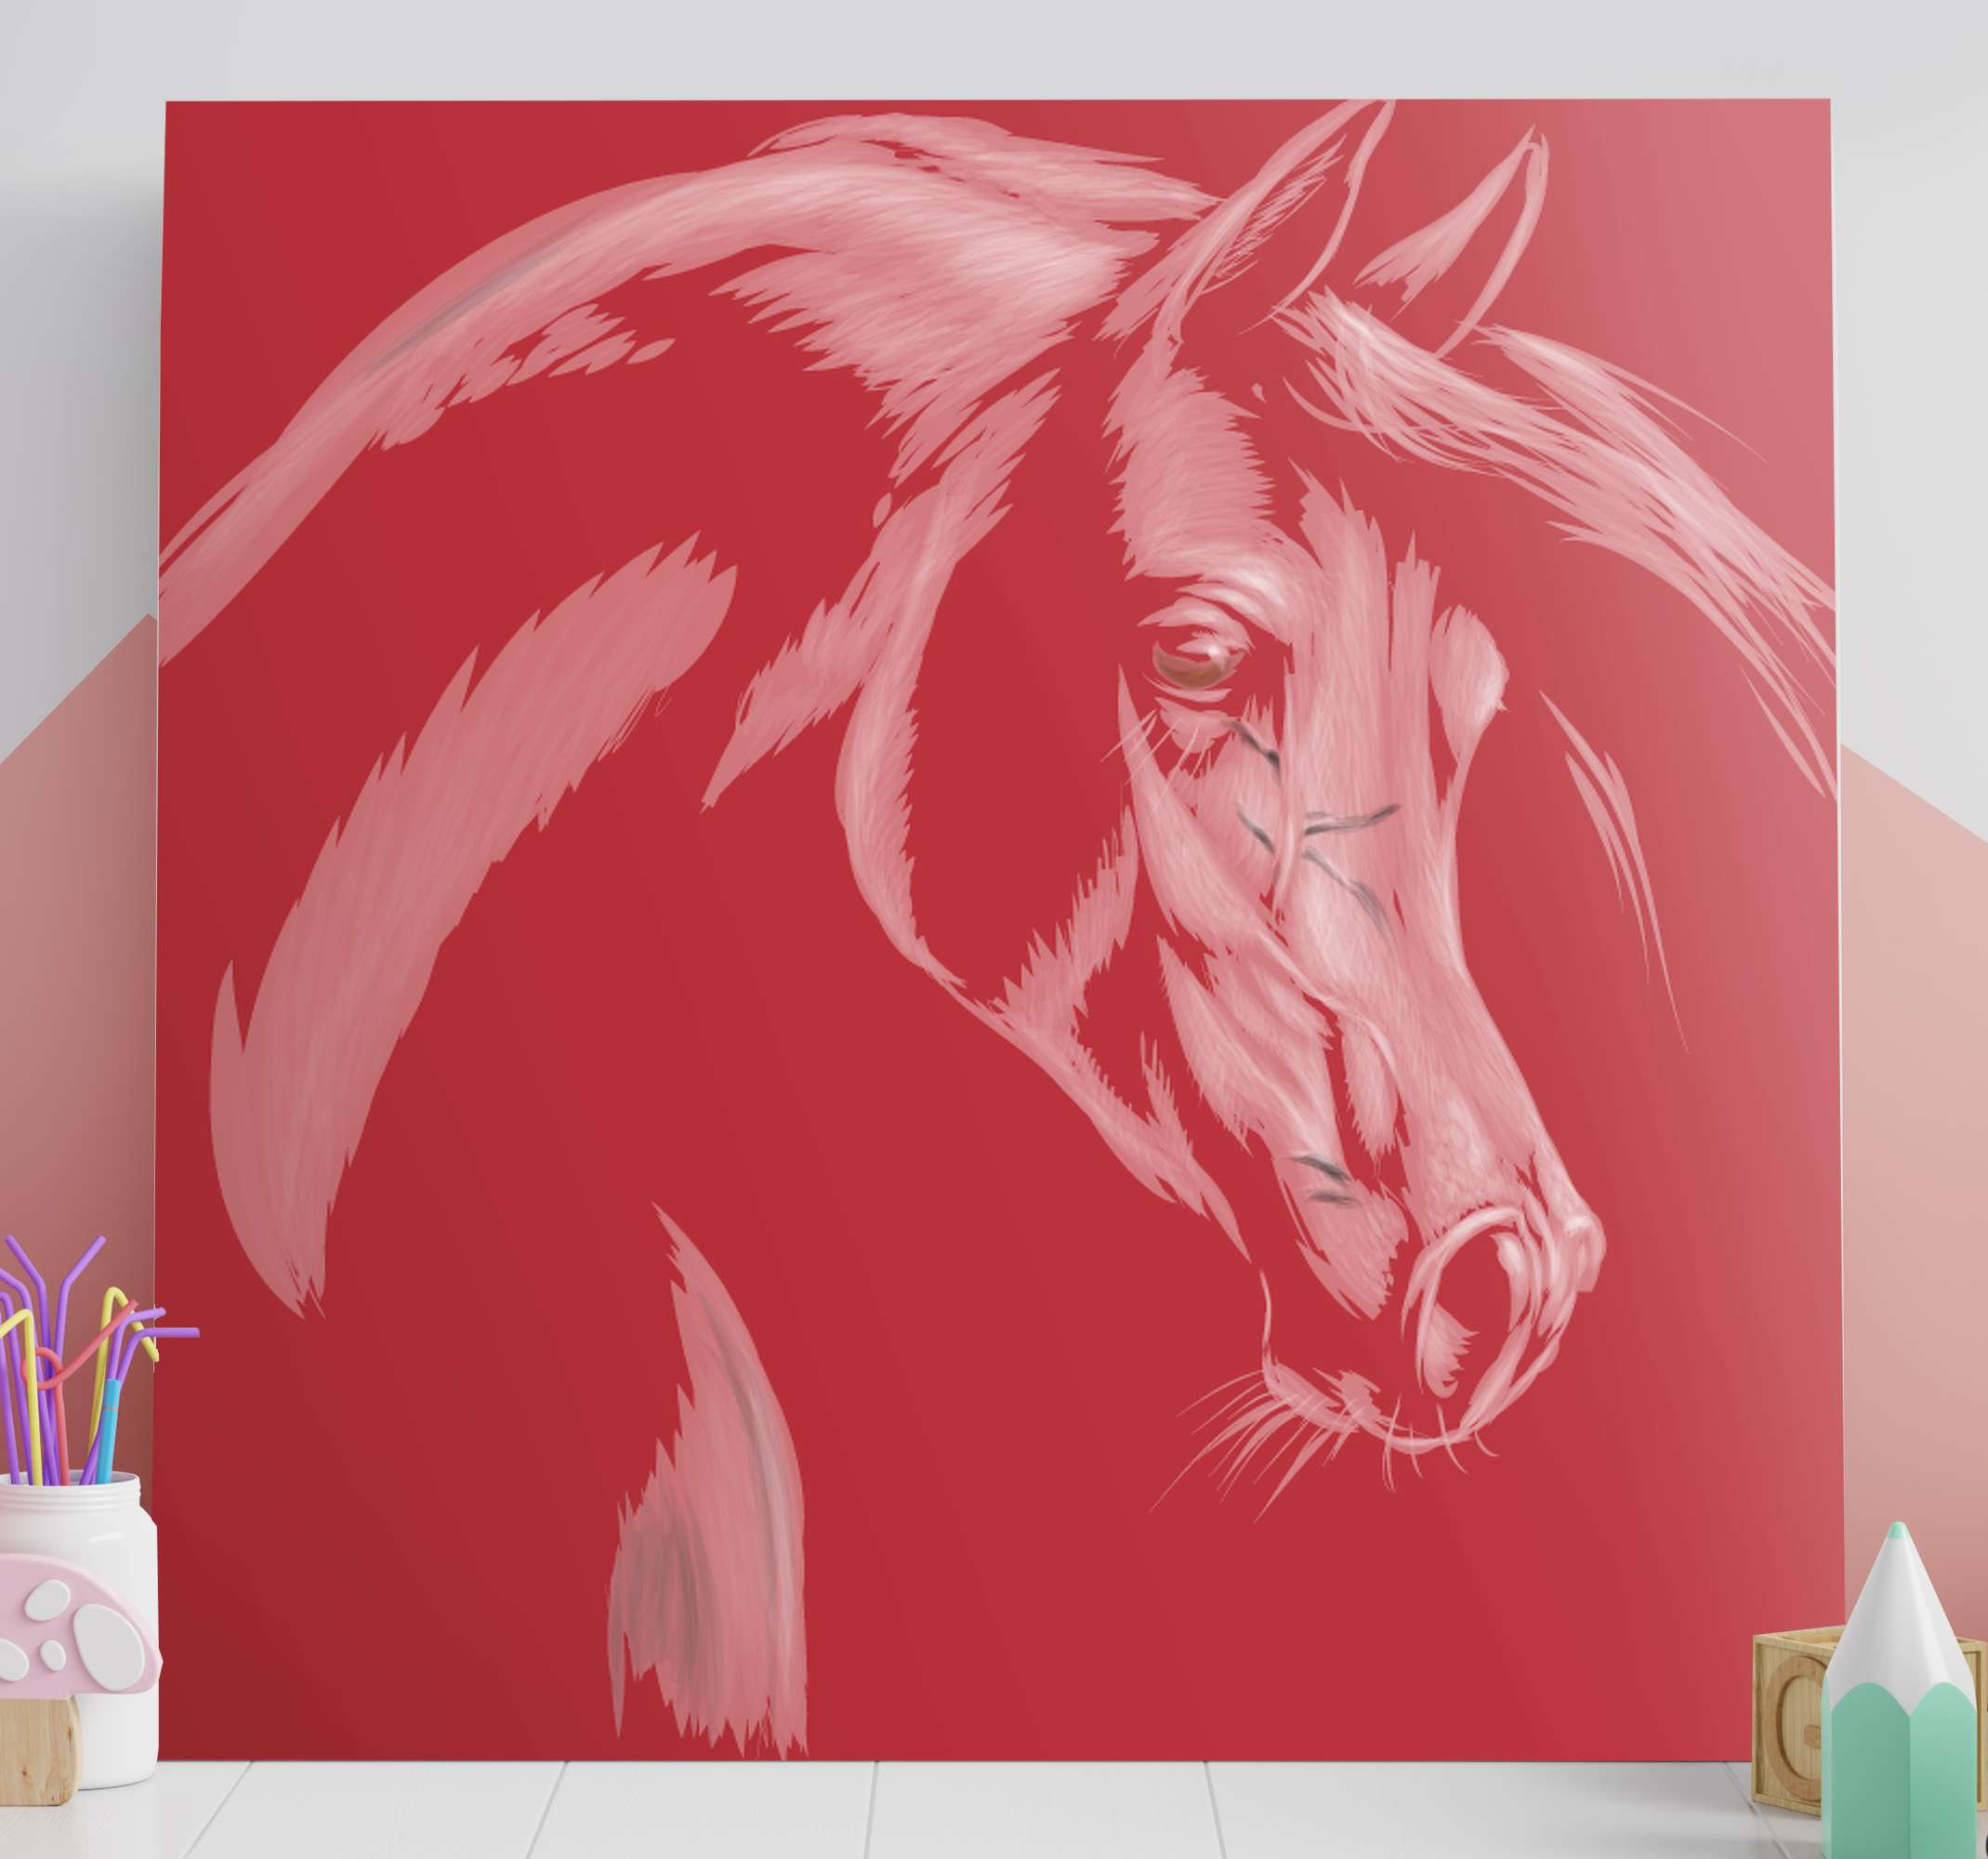 TenStickers. Quadro stampa cavallo Tono rosso. Quadro di cavallo che presenta una meravigliosa immagine di un cavallo colorata in rosso con uno sfondo rosso. Iscriviti per uno sconto del 10%.